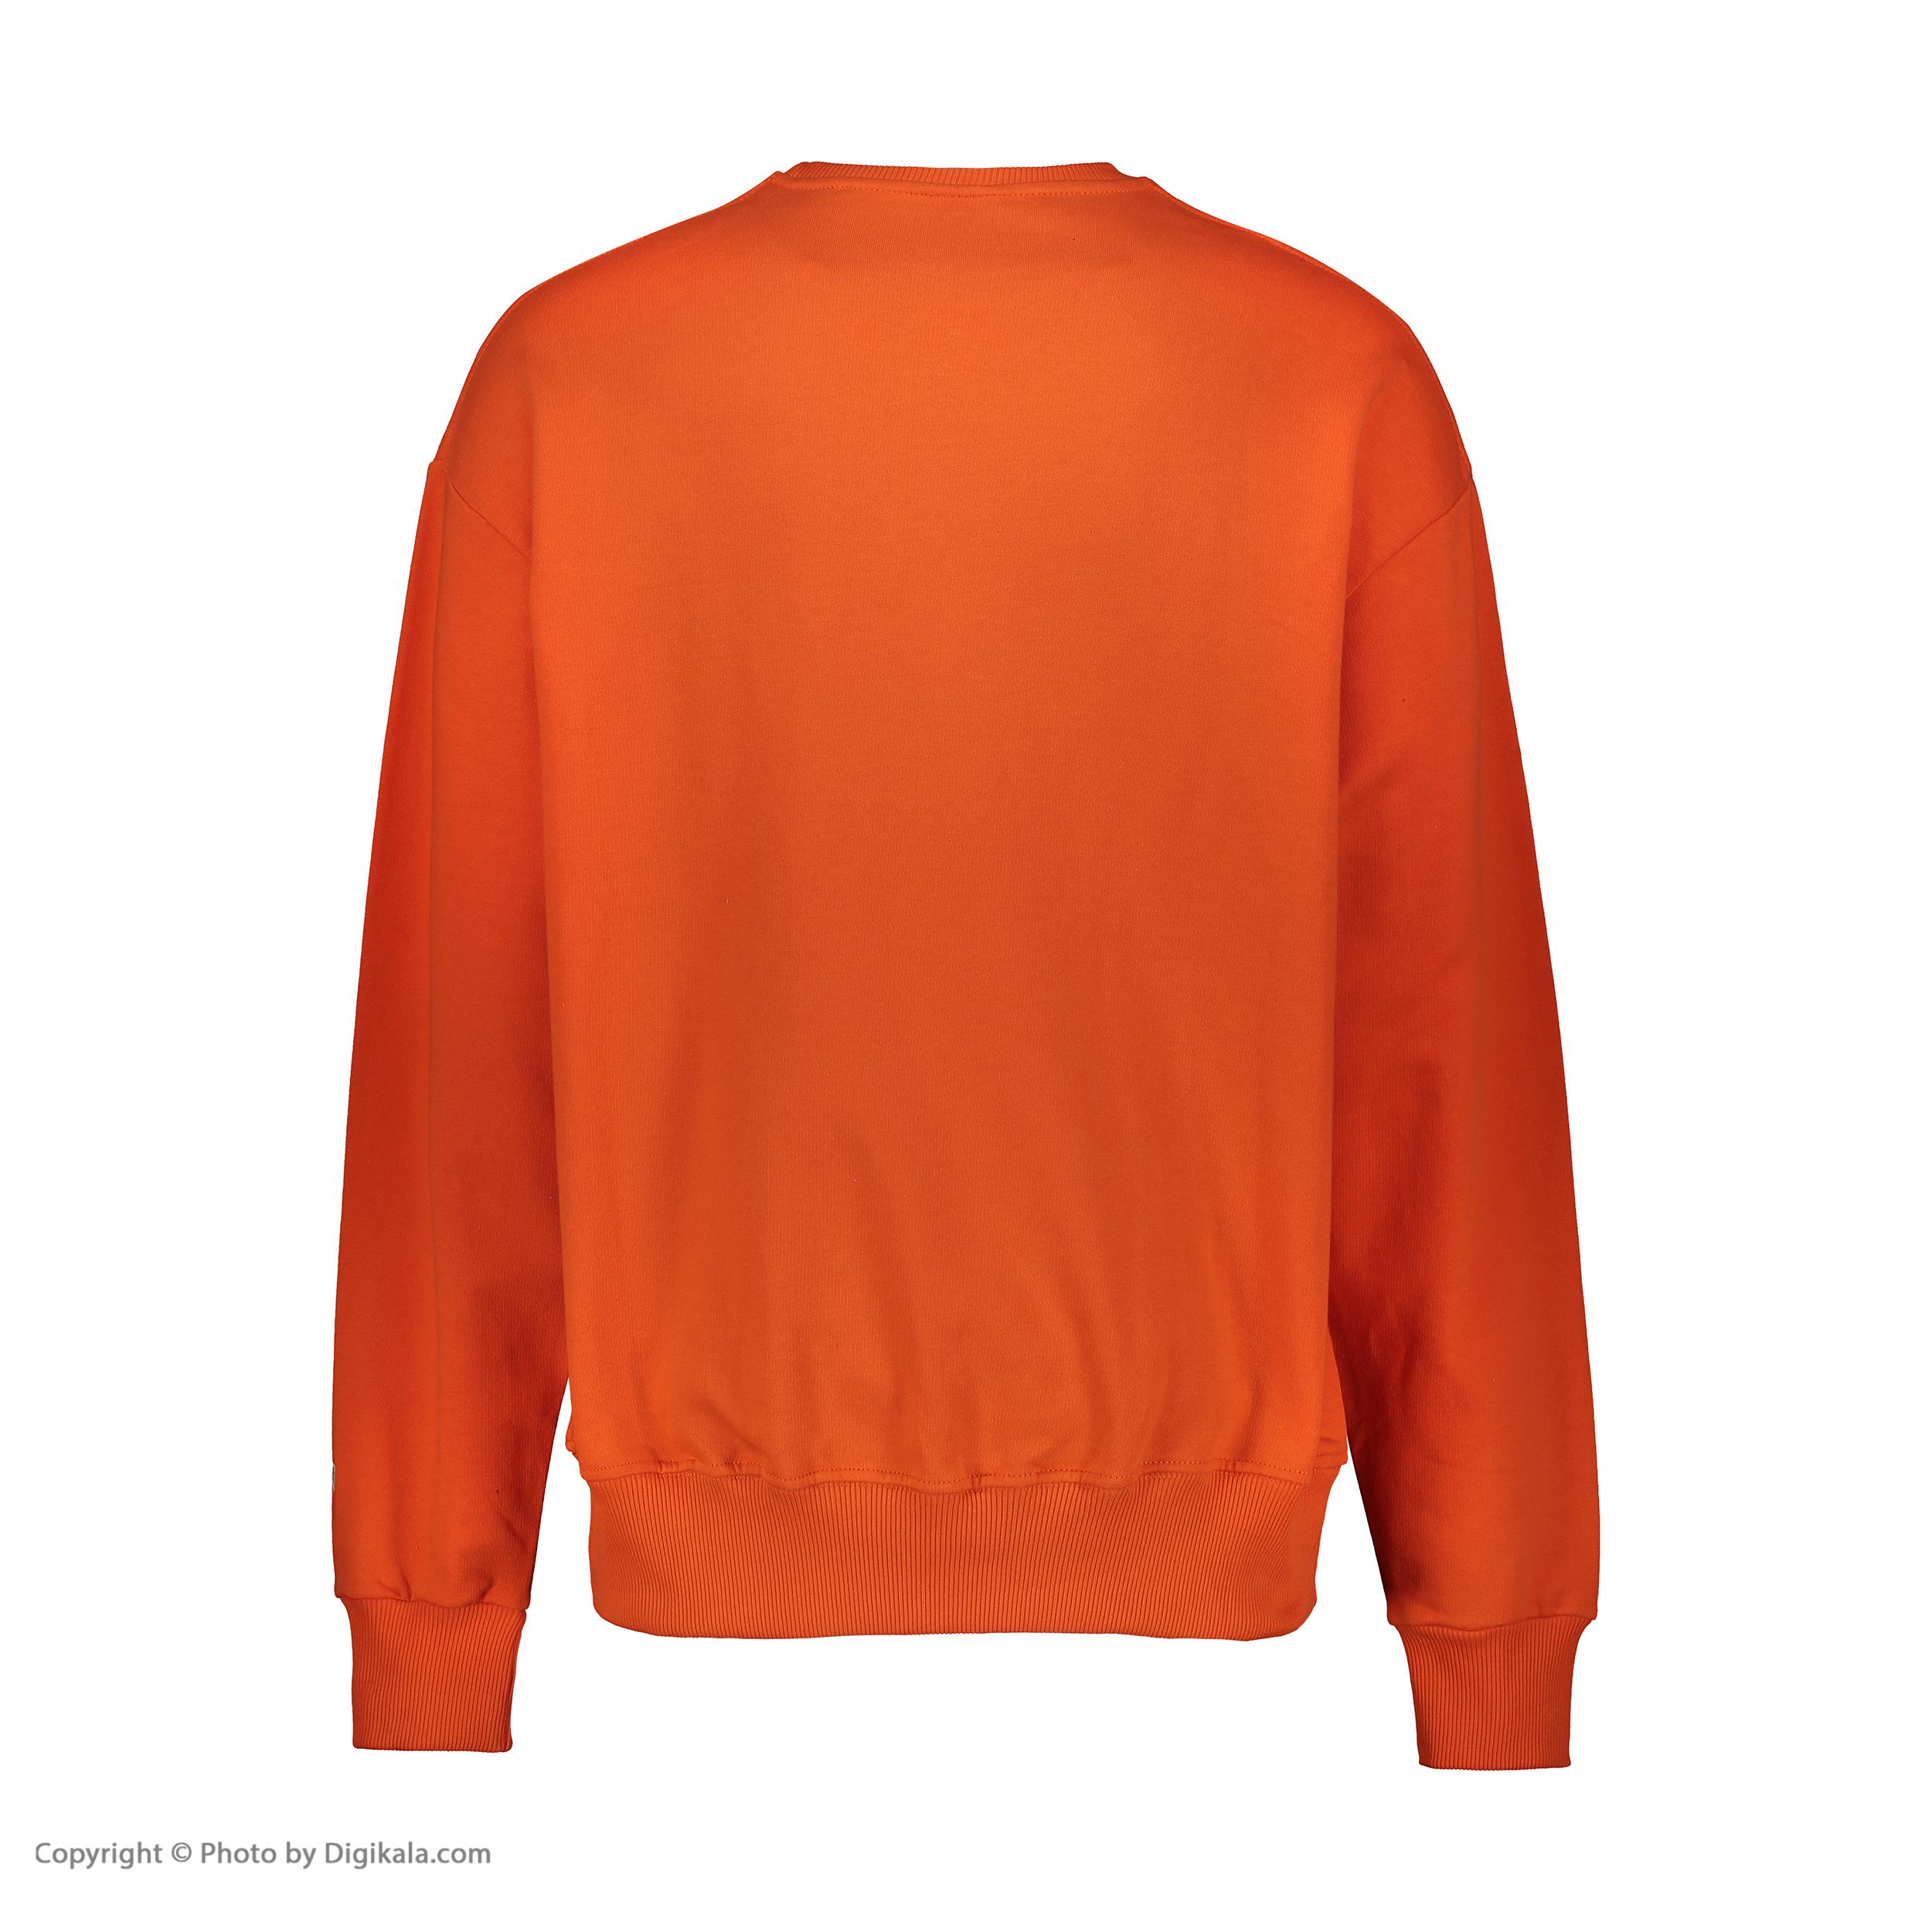 سویشرت ورزشی مردانه یونی پرو مدل 911179305-30 -  - 4